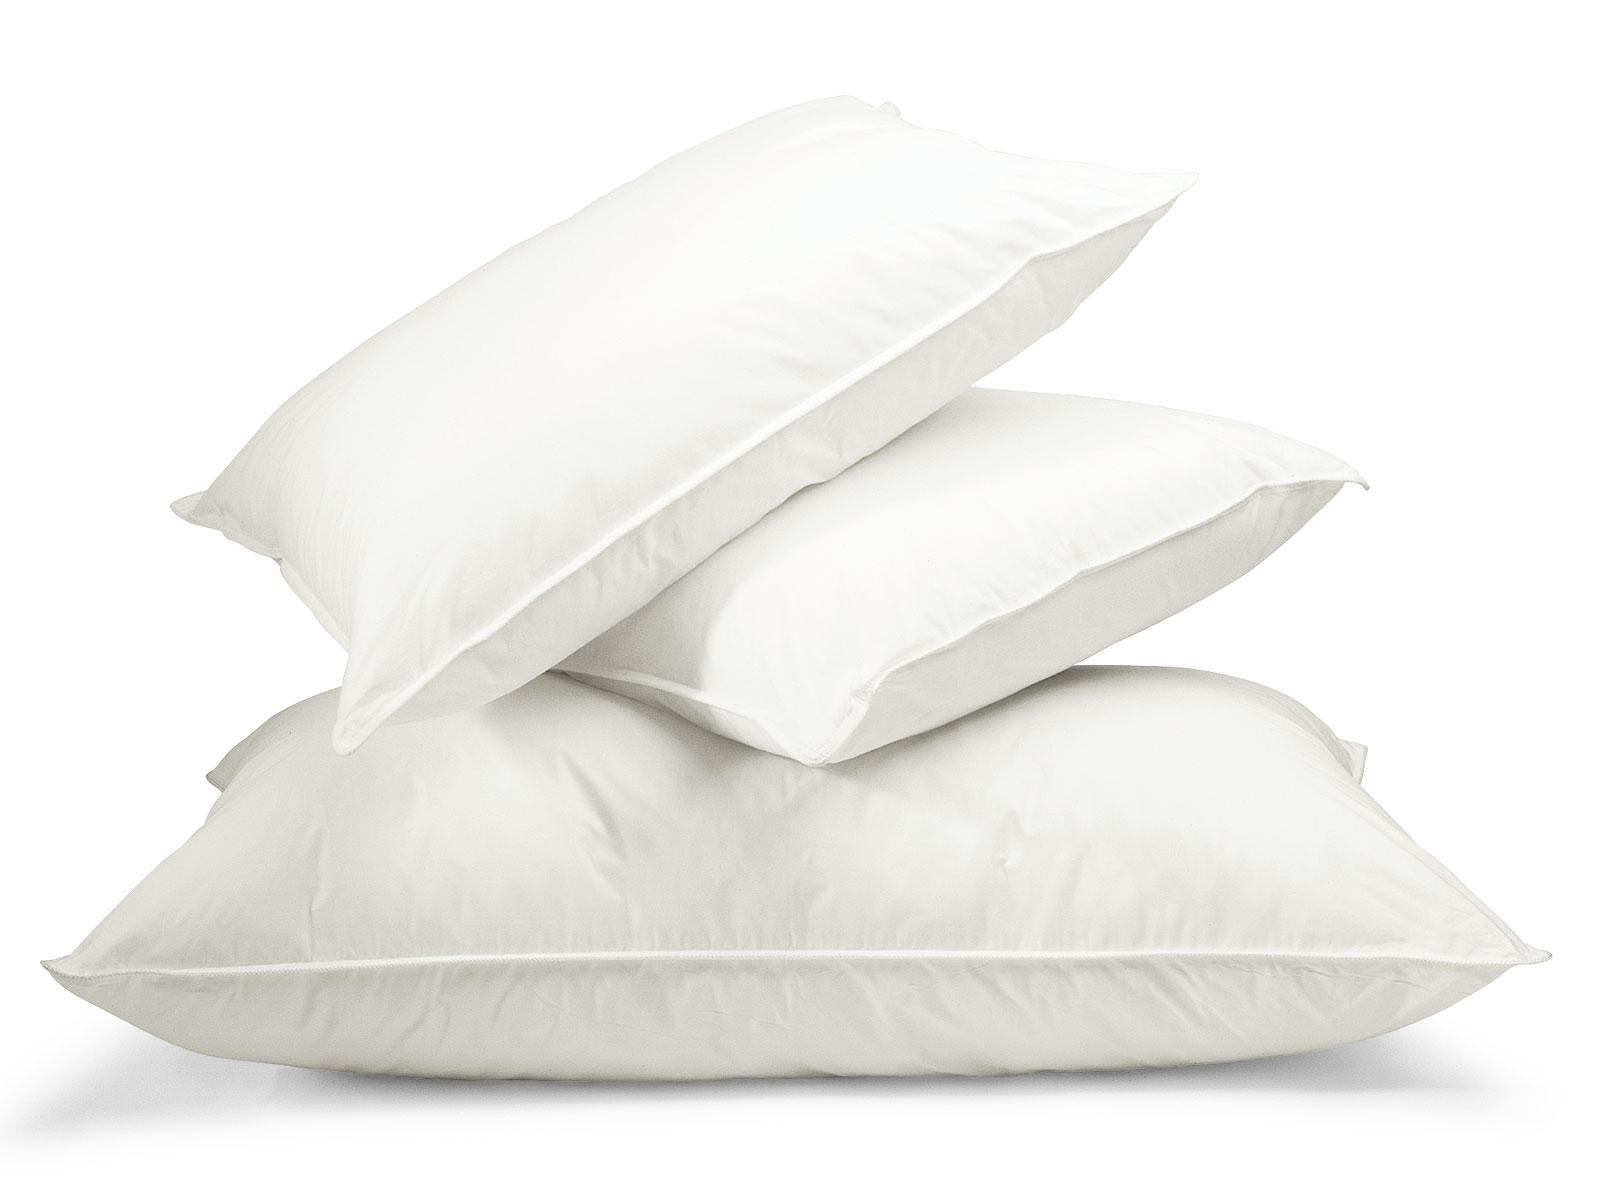 Comforel pillows